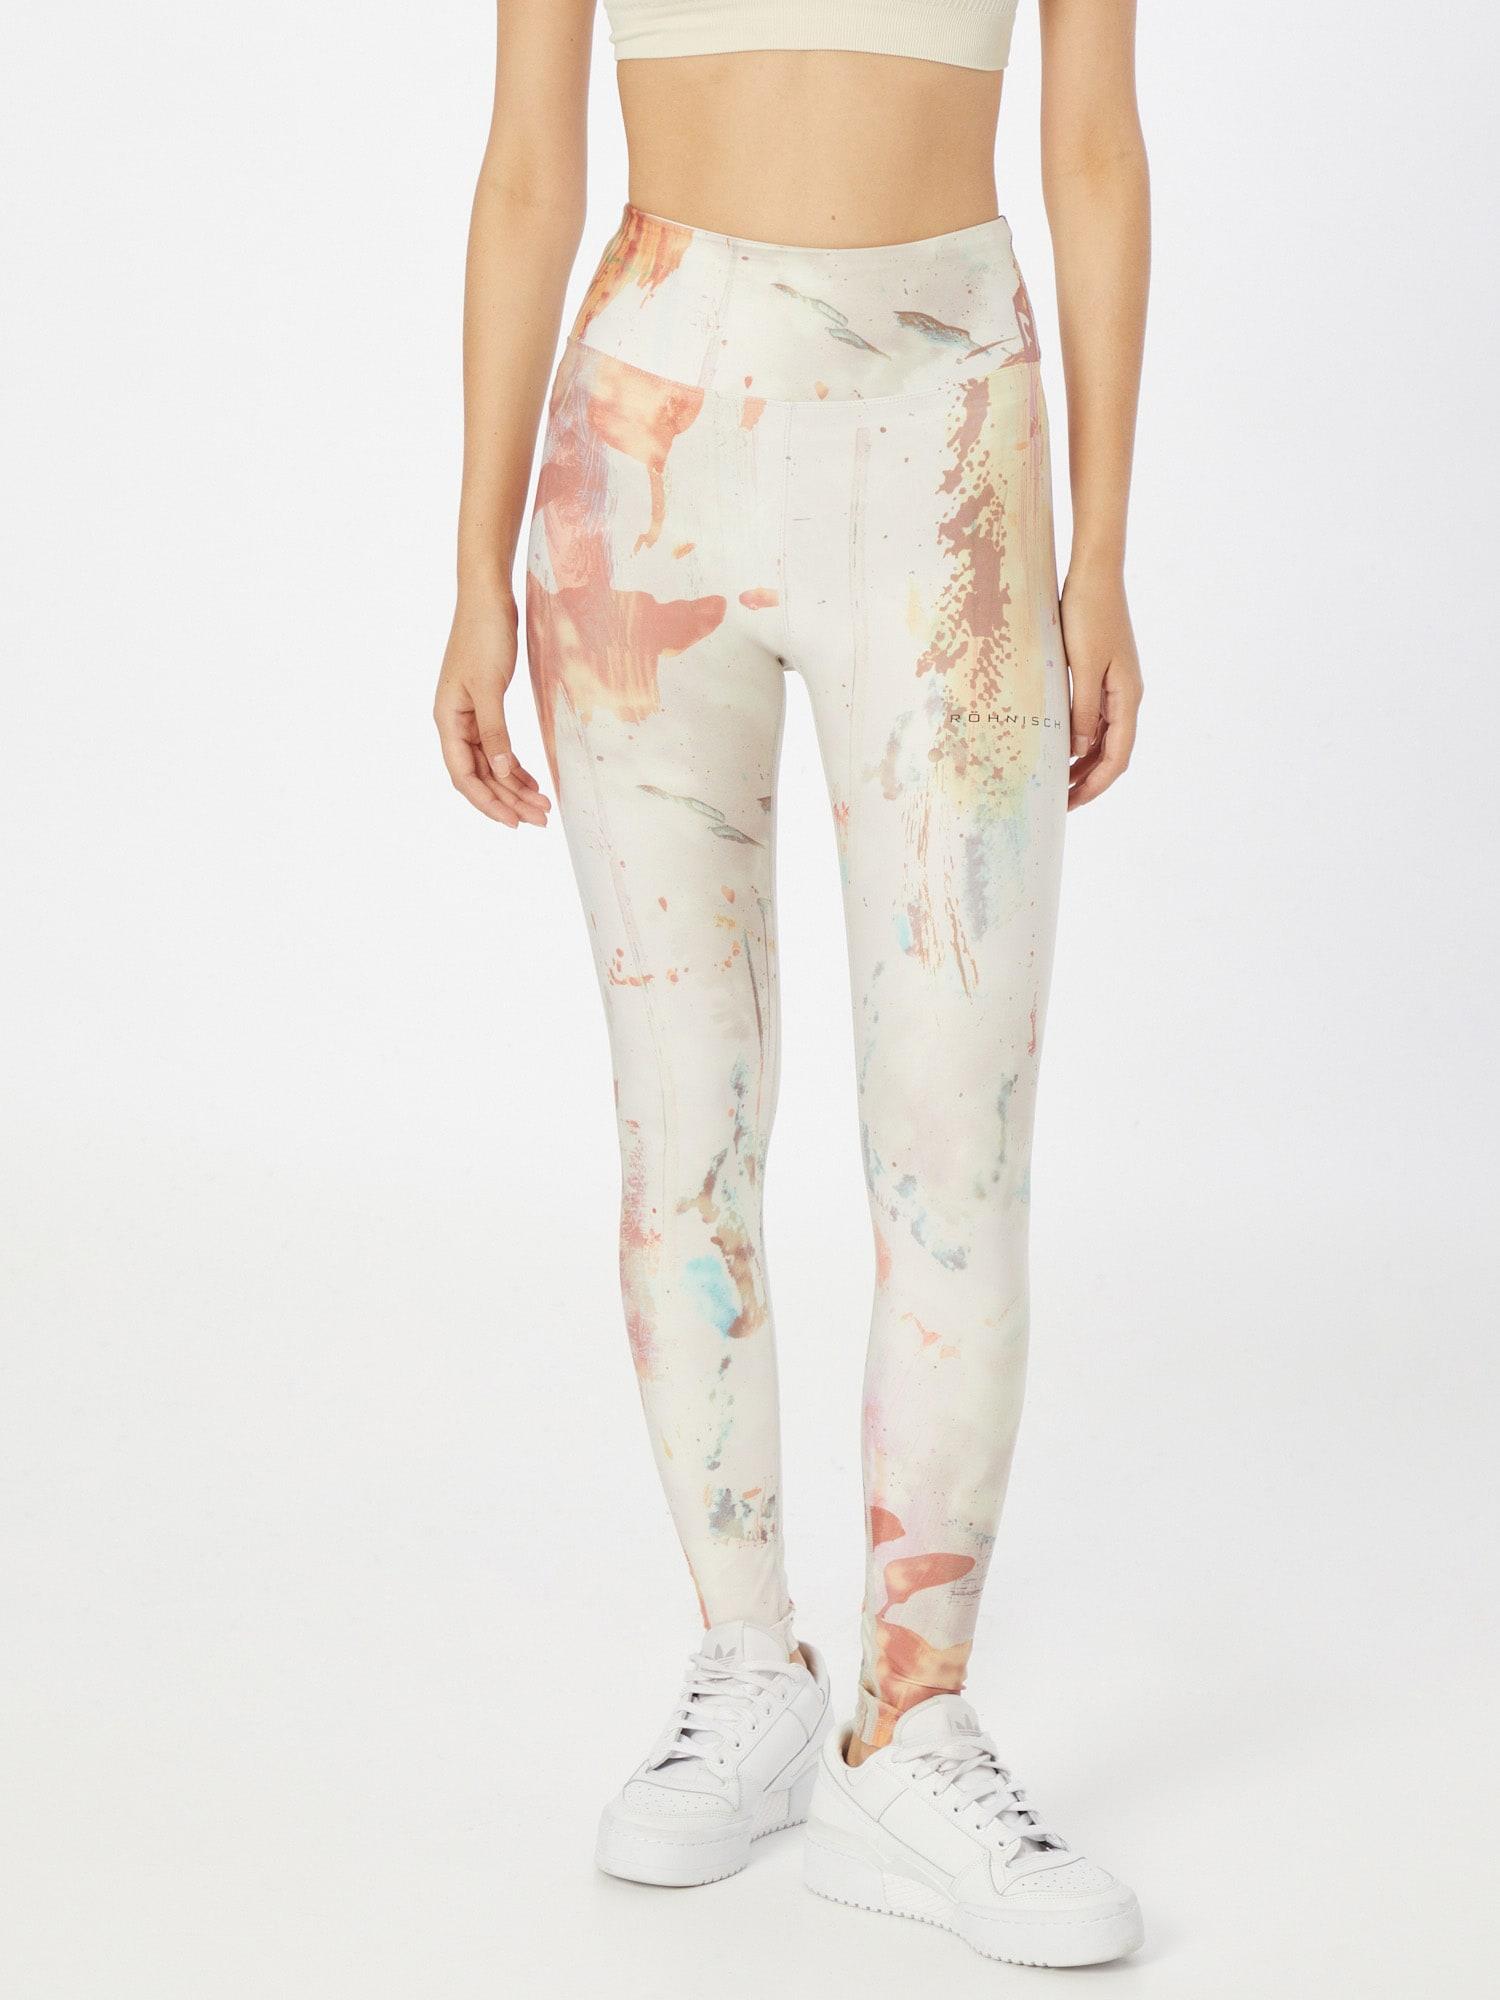 Röhnisch Športové nohavice KEIRA  biela / pastelovo červená / vodová / pastelovo ružová dámské XS-S